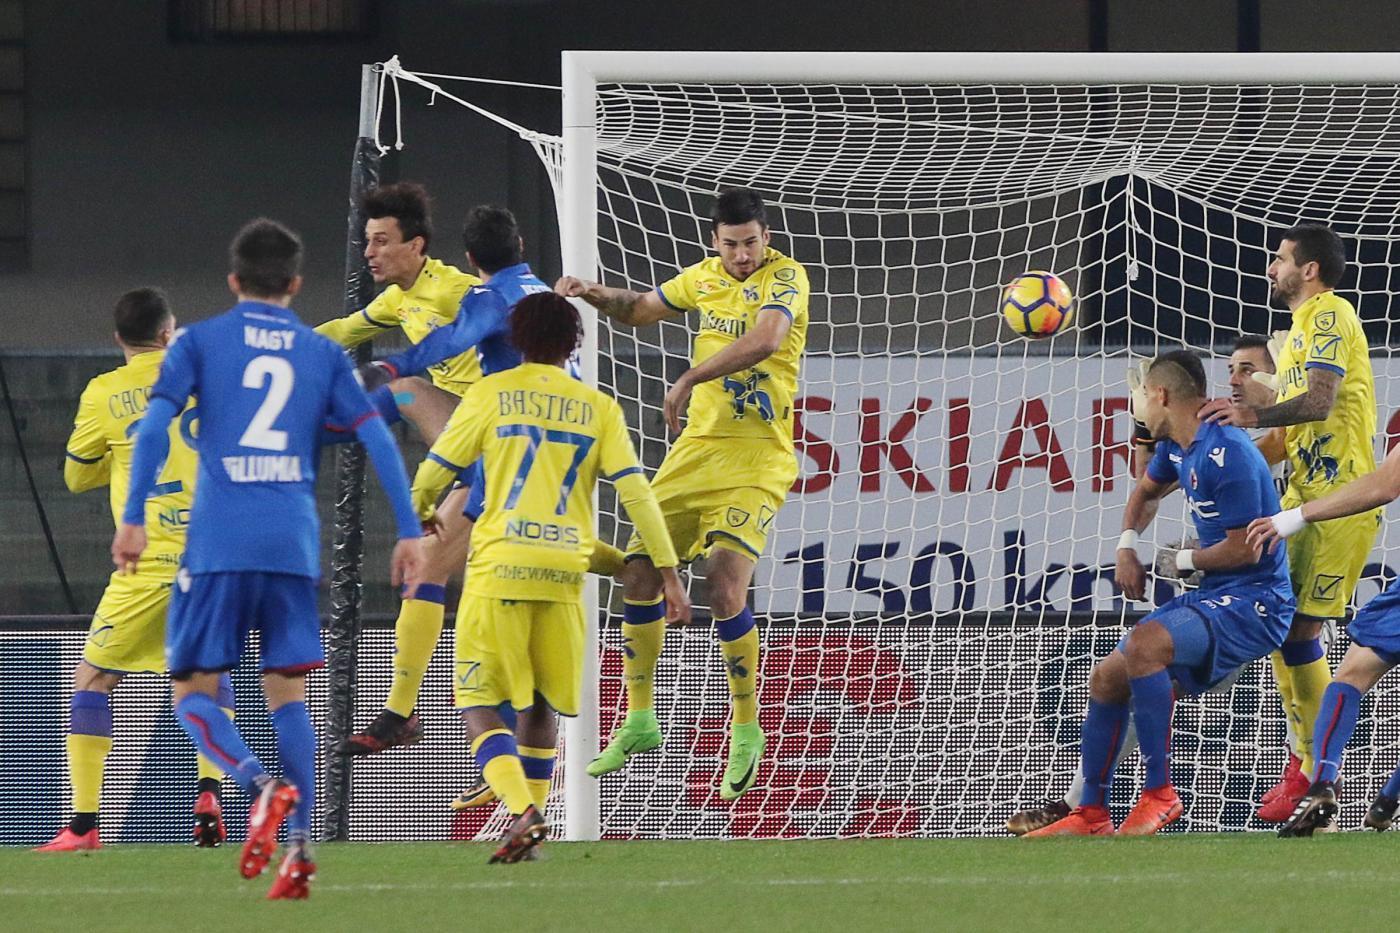 Serie A, Chievo-Bologna 2-3: le foto